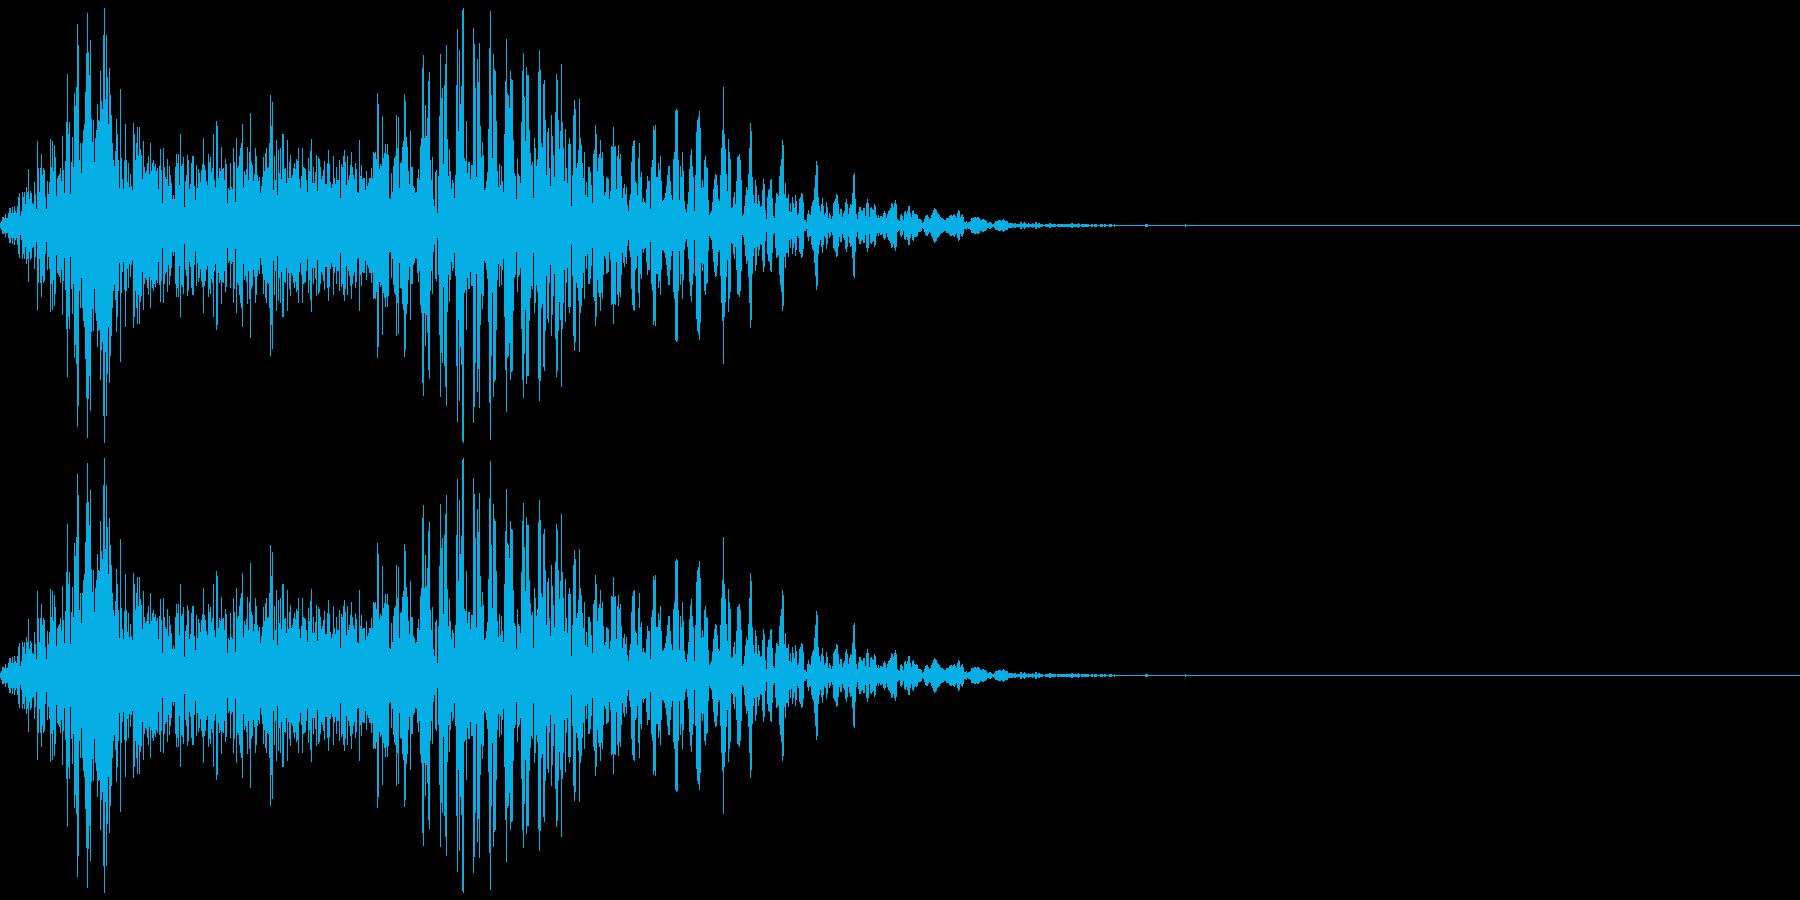 「ツモ」 麻雀ゲームのシステムボイスにの再生済みの波形